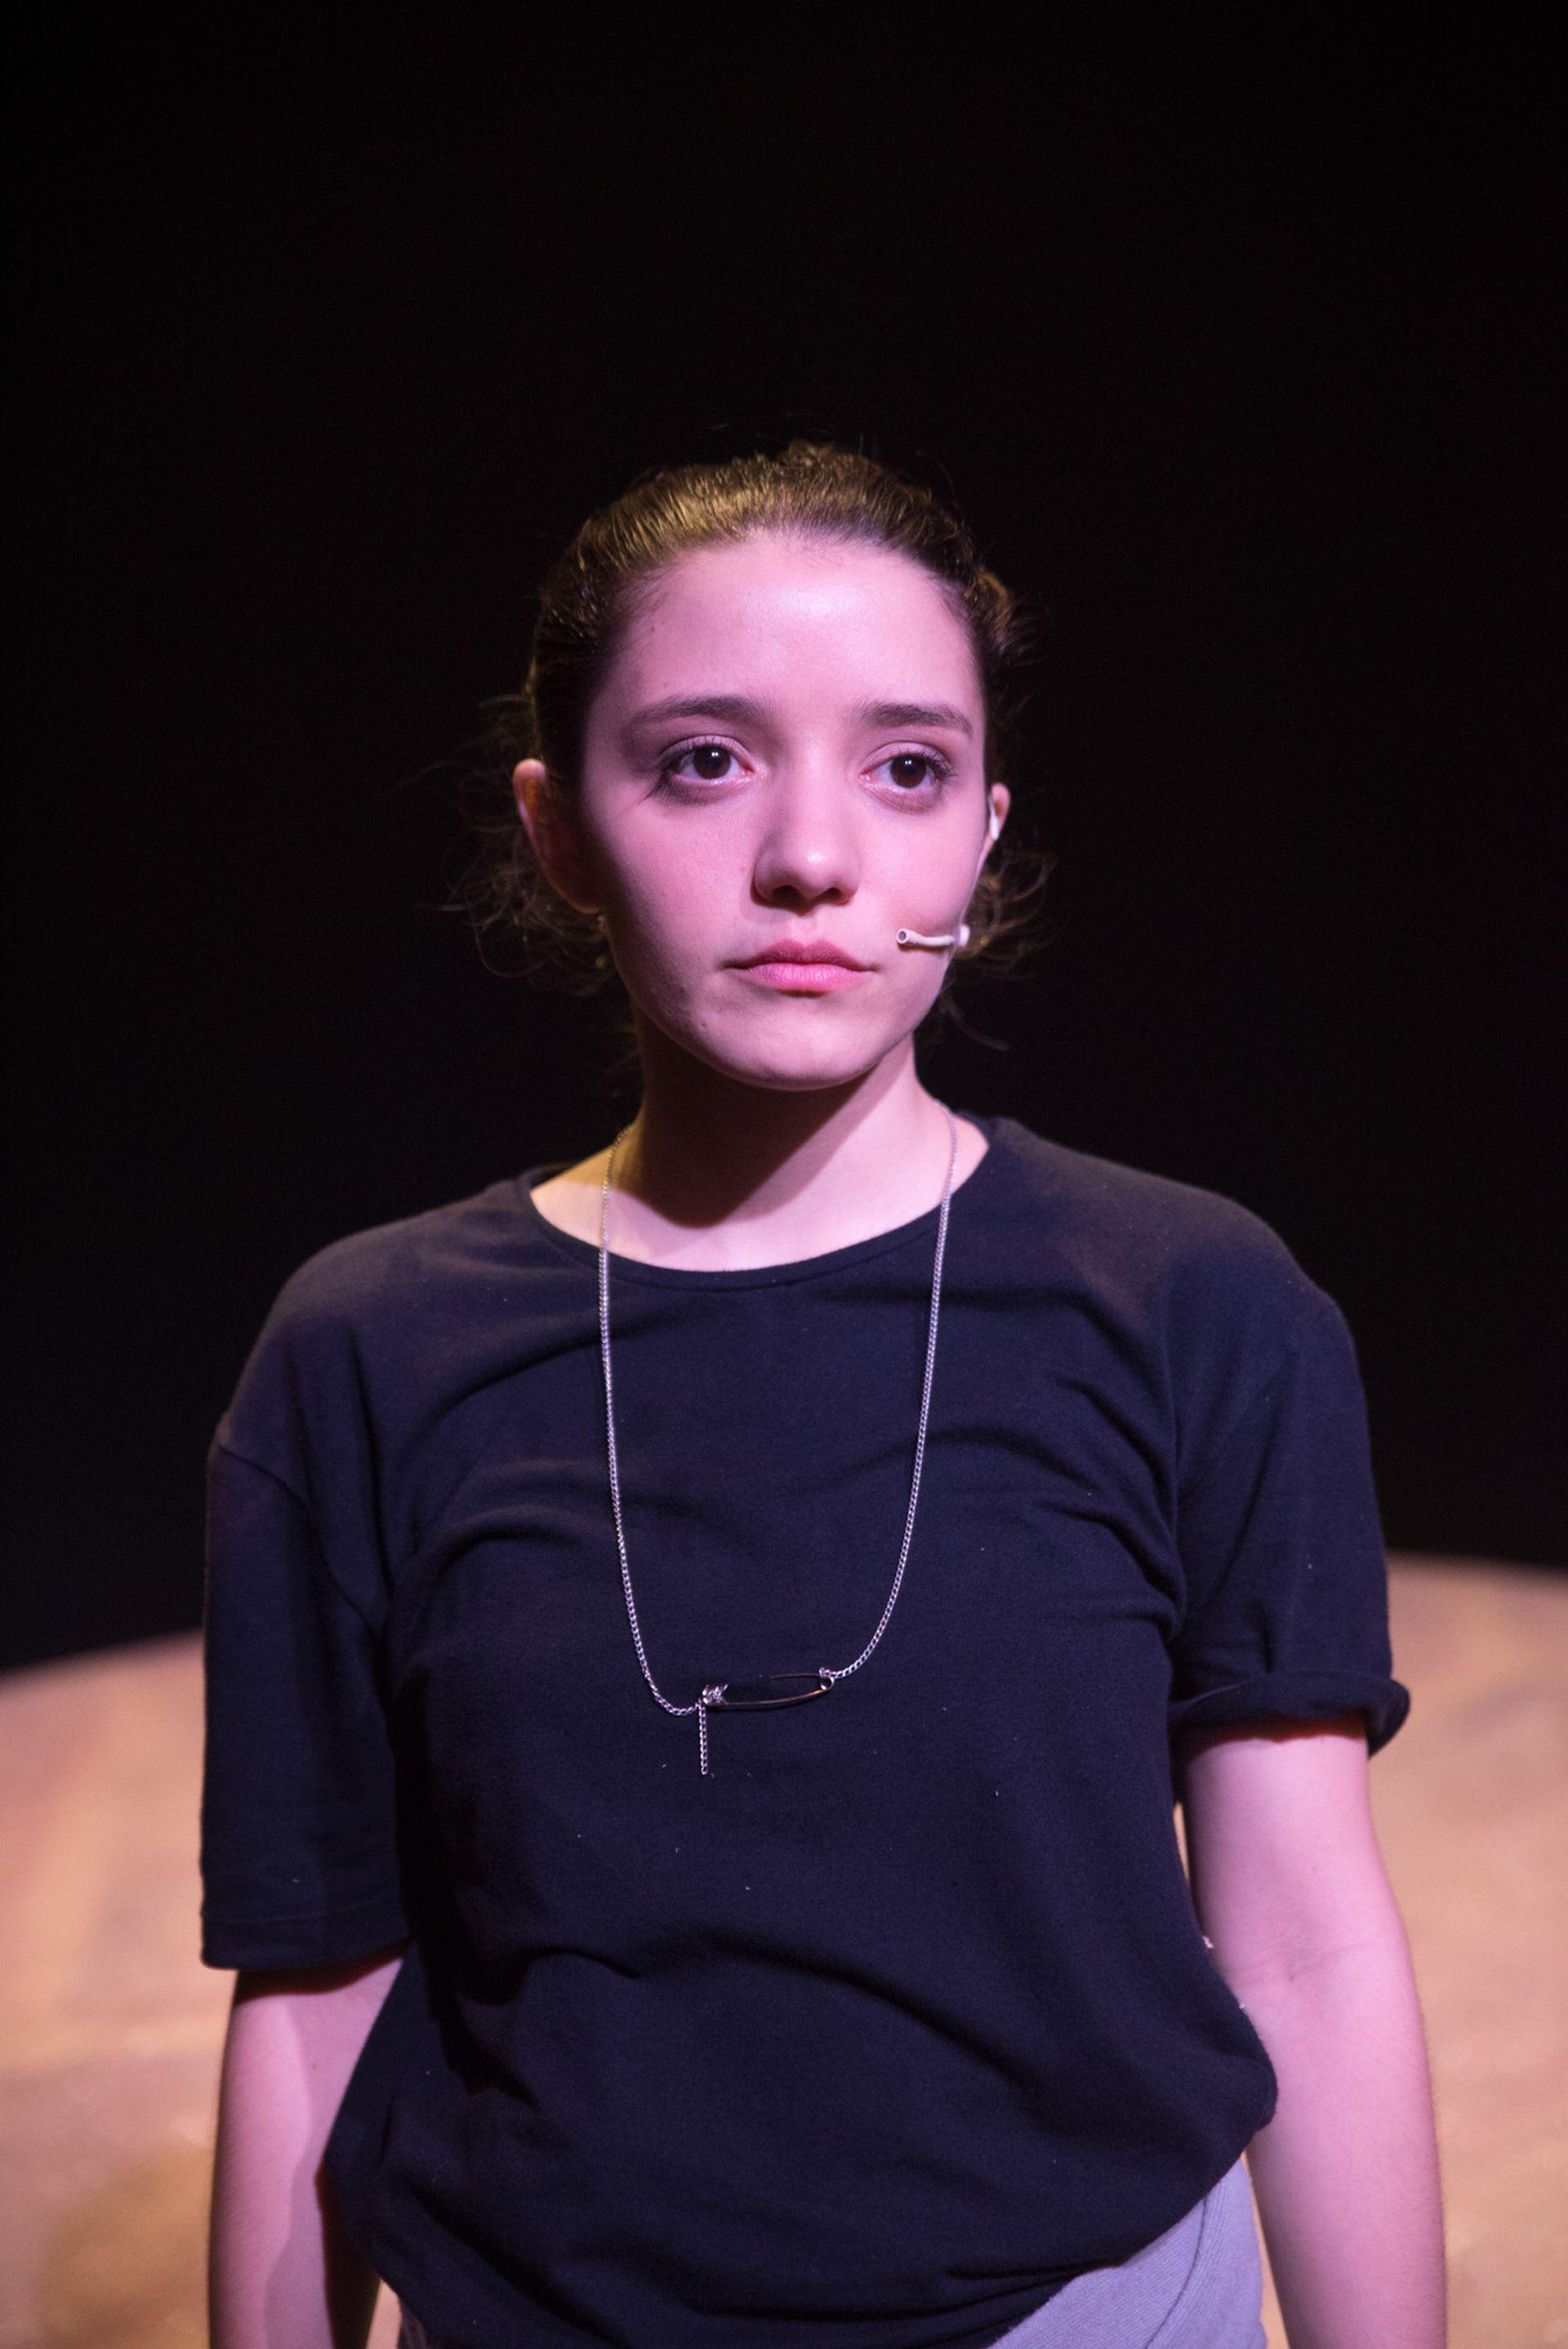 Julia Tozzi, un enorme talento de la nueva camada de artistas completos del teatro musical: es conmovedora en su escena solista de Juegos